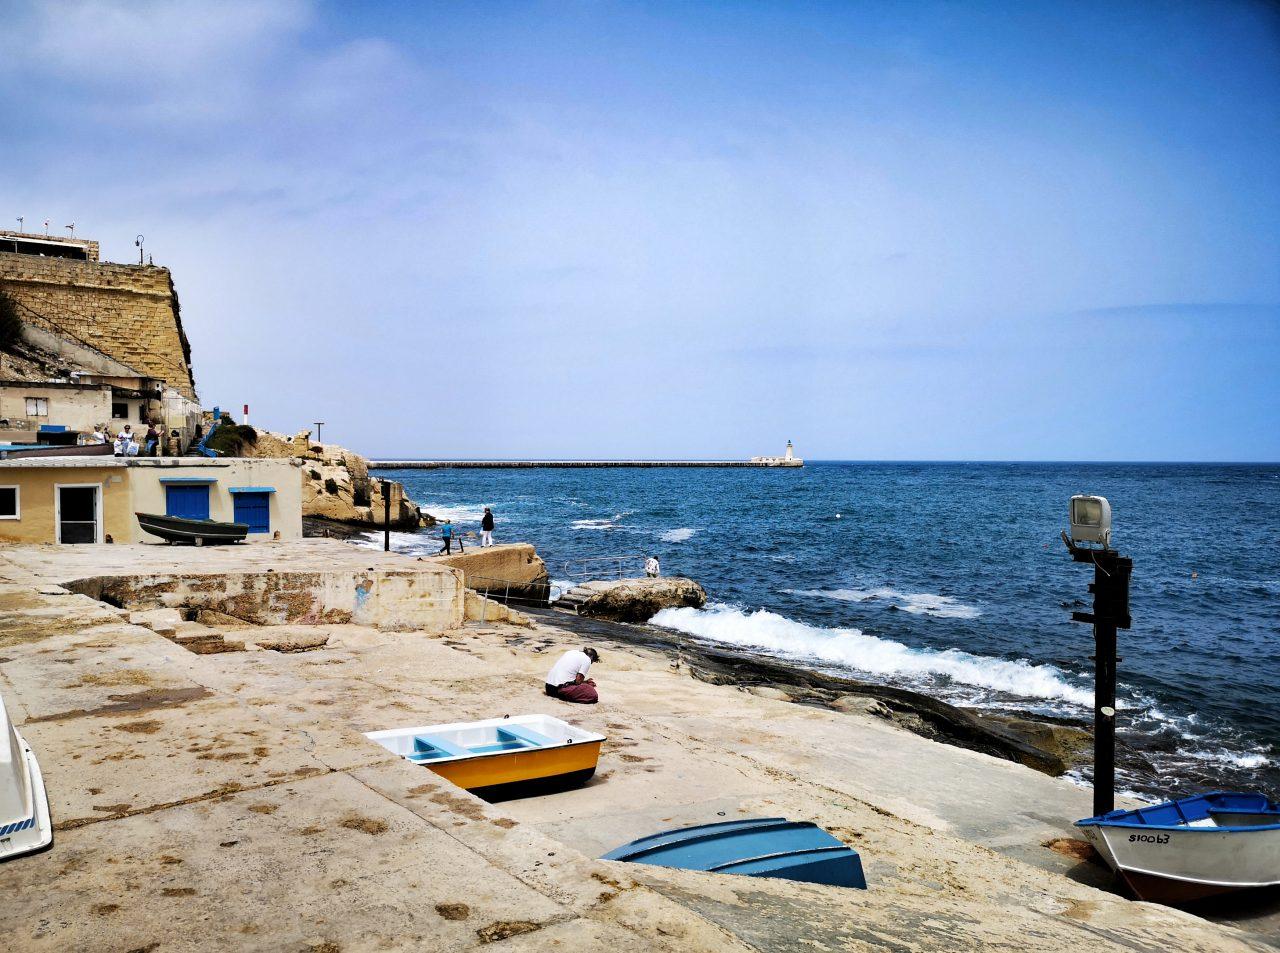 In der Hauptstadt Valletta lassen sich Sightseeing und Baden im Meer ideal verbinden. Wanderhunger